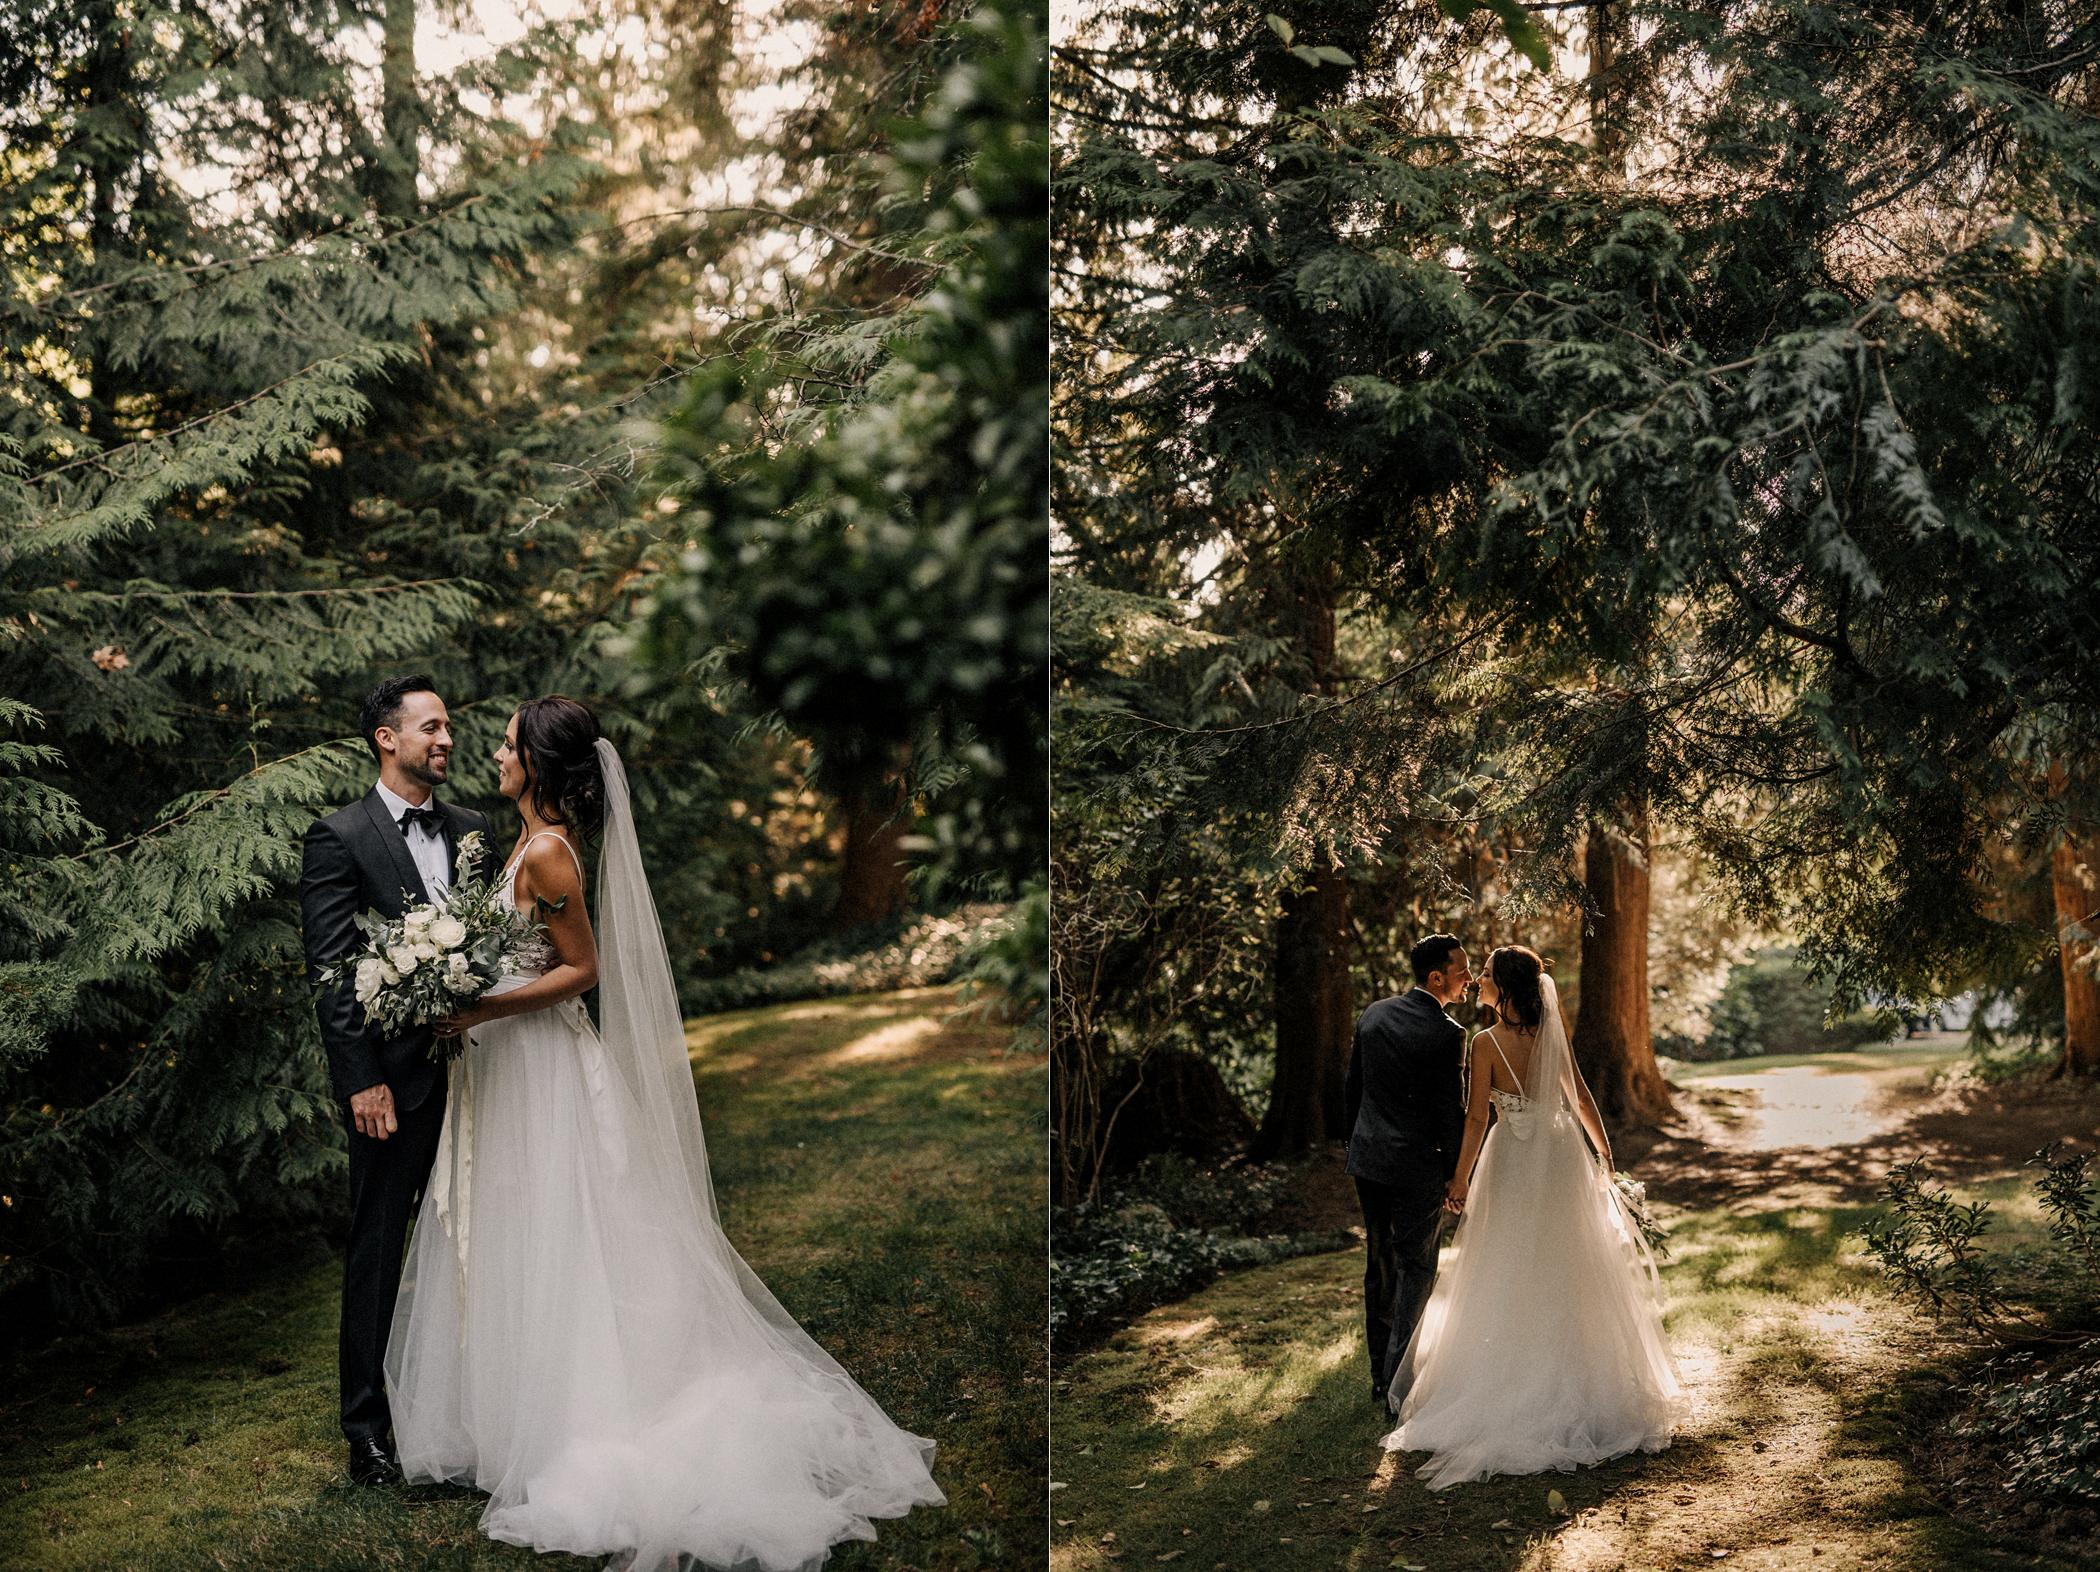 050-kaoverii-silva-KR-wedding-vancouver-photography-blog.png